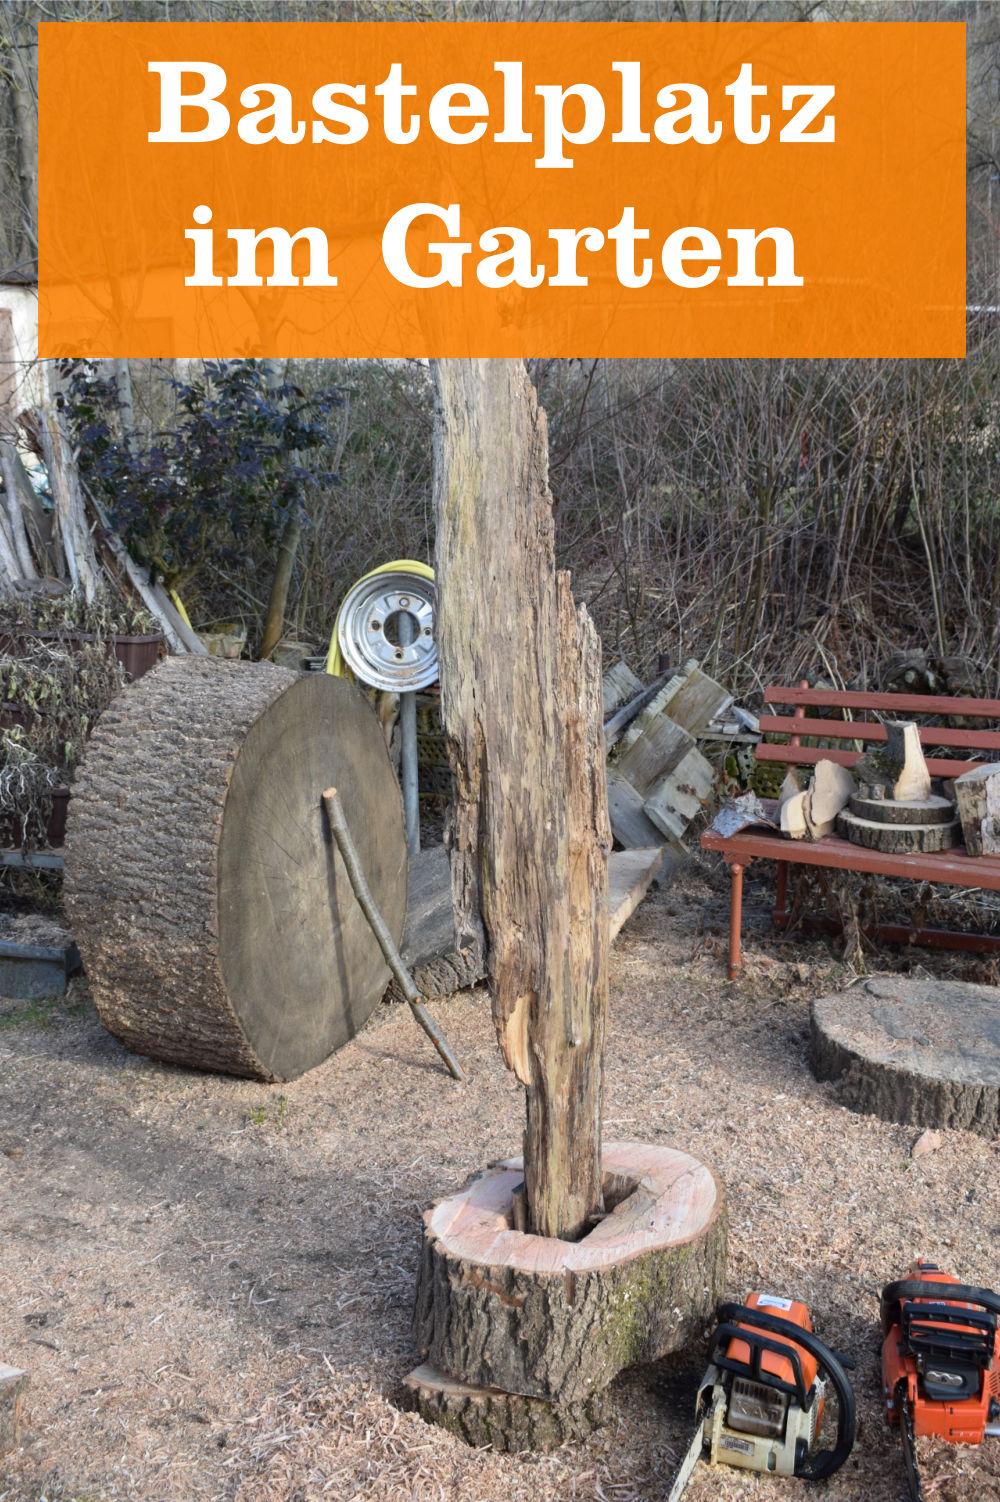 Bastelplatz im Garten